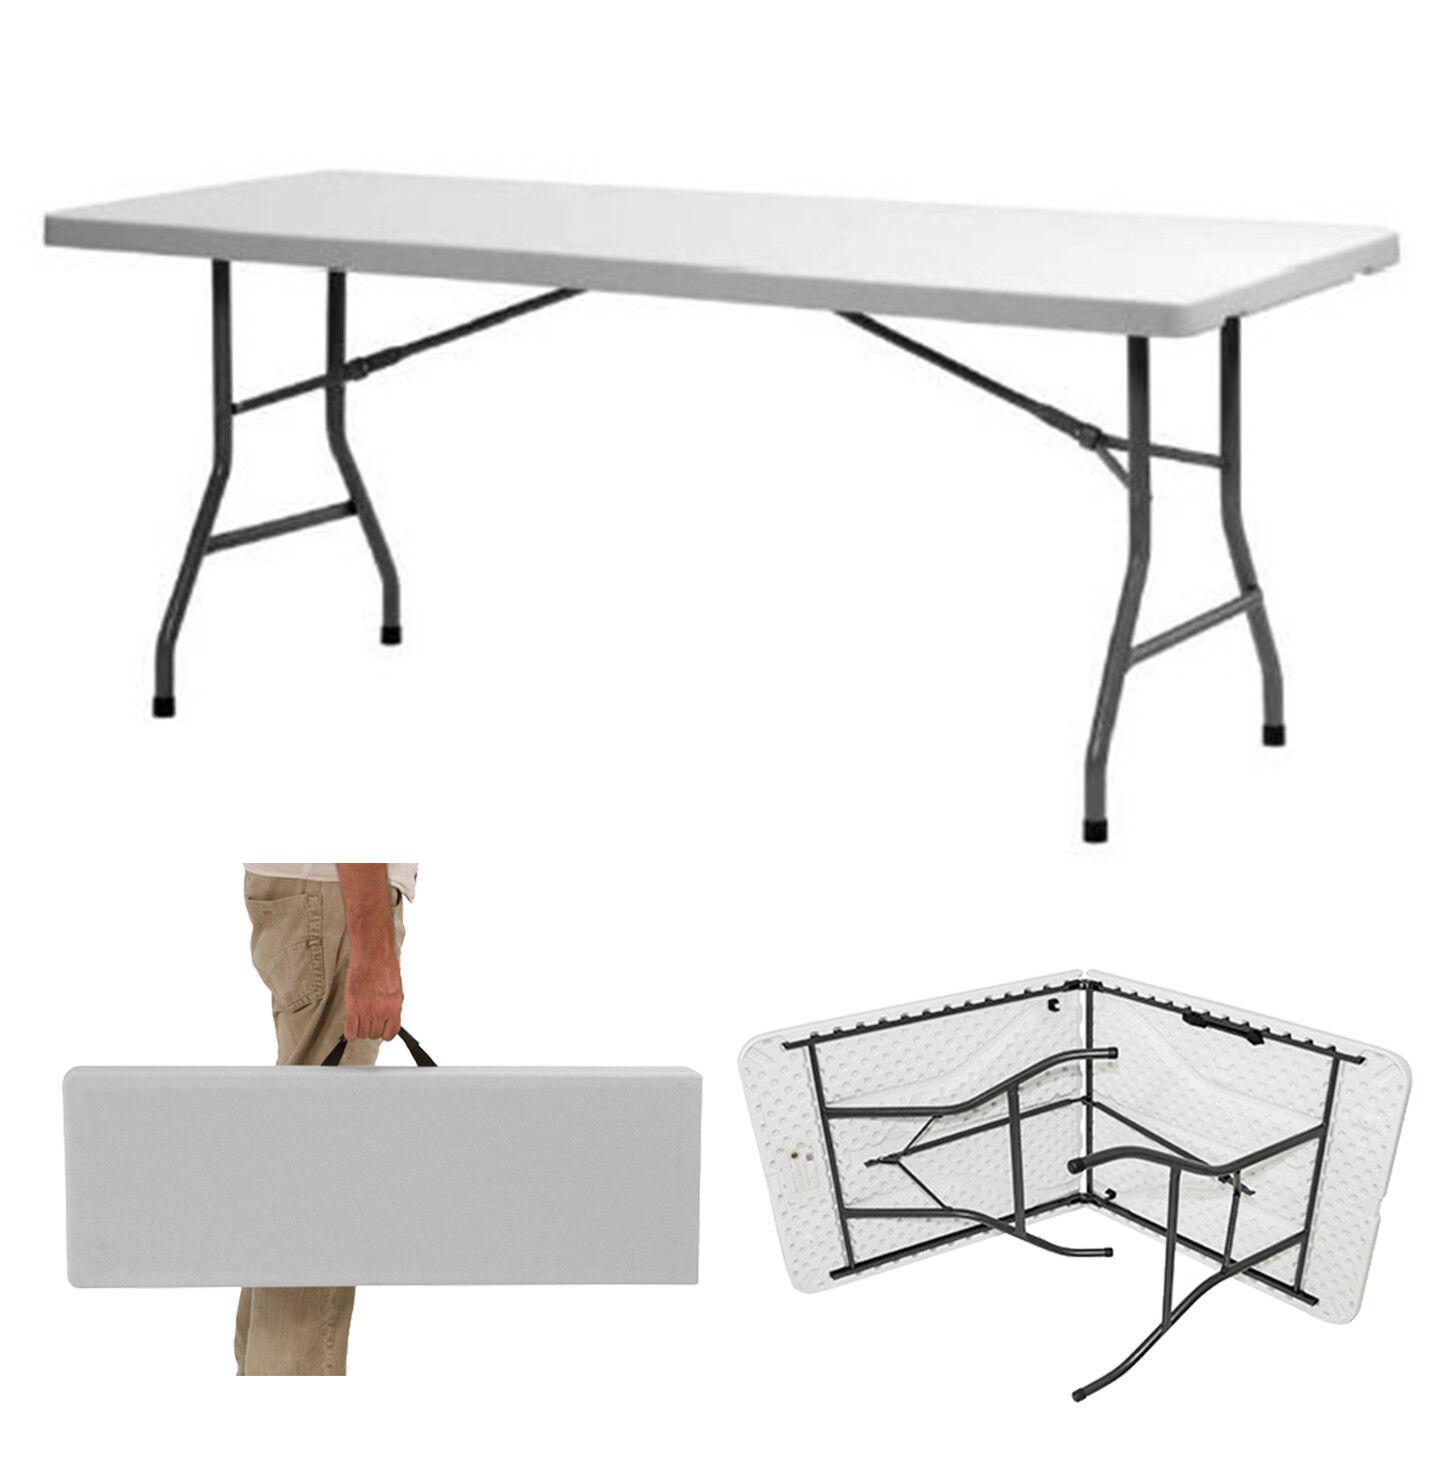 Campingtisch Klapptisch Falttisch Gartentisch Koffertisch 2 Größen Picknik     1